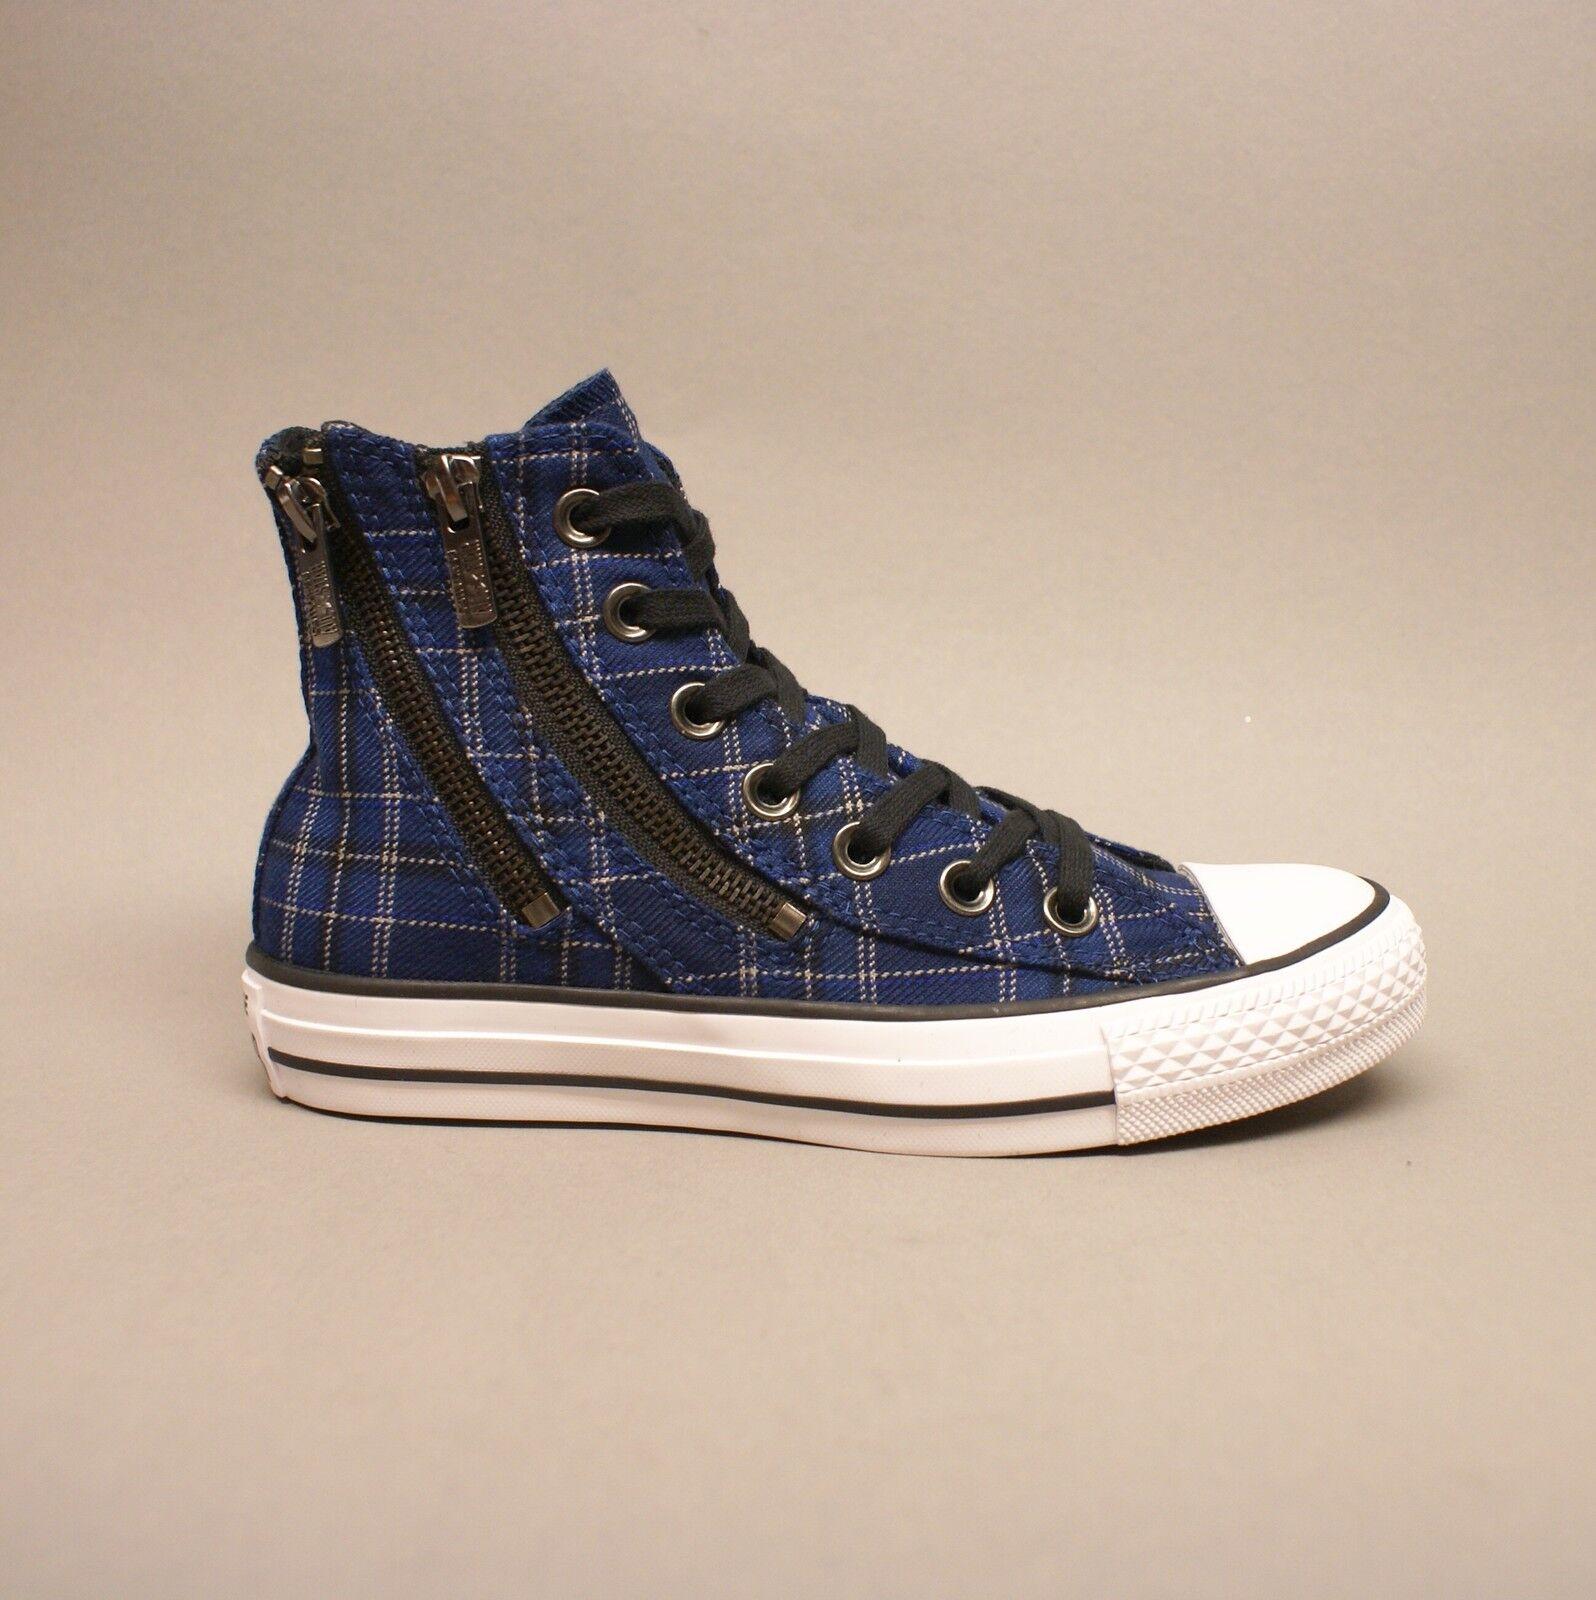 Converse All Star Chuck Hi Dual Zip Plaid Navy 549573C Sneakers blau kariert